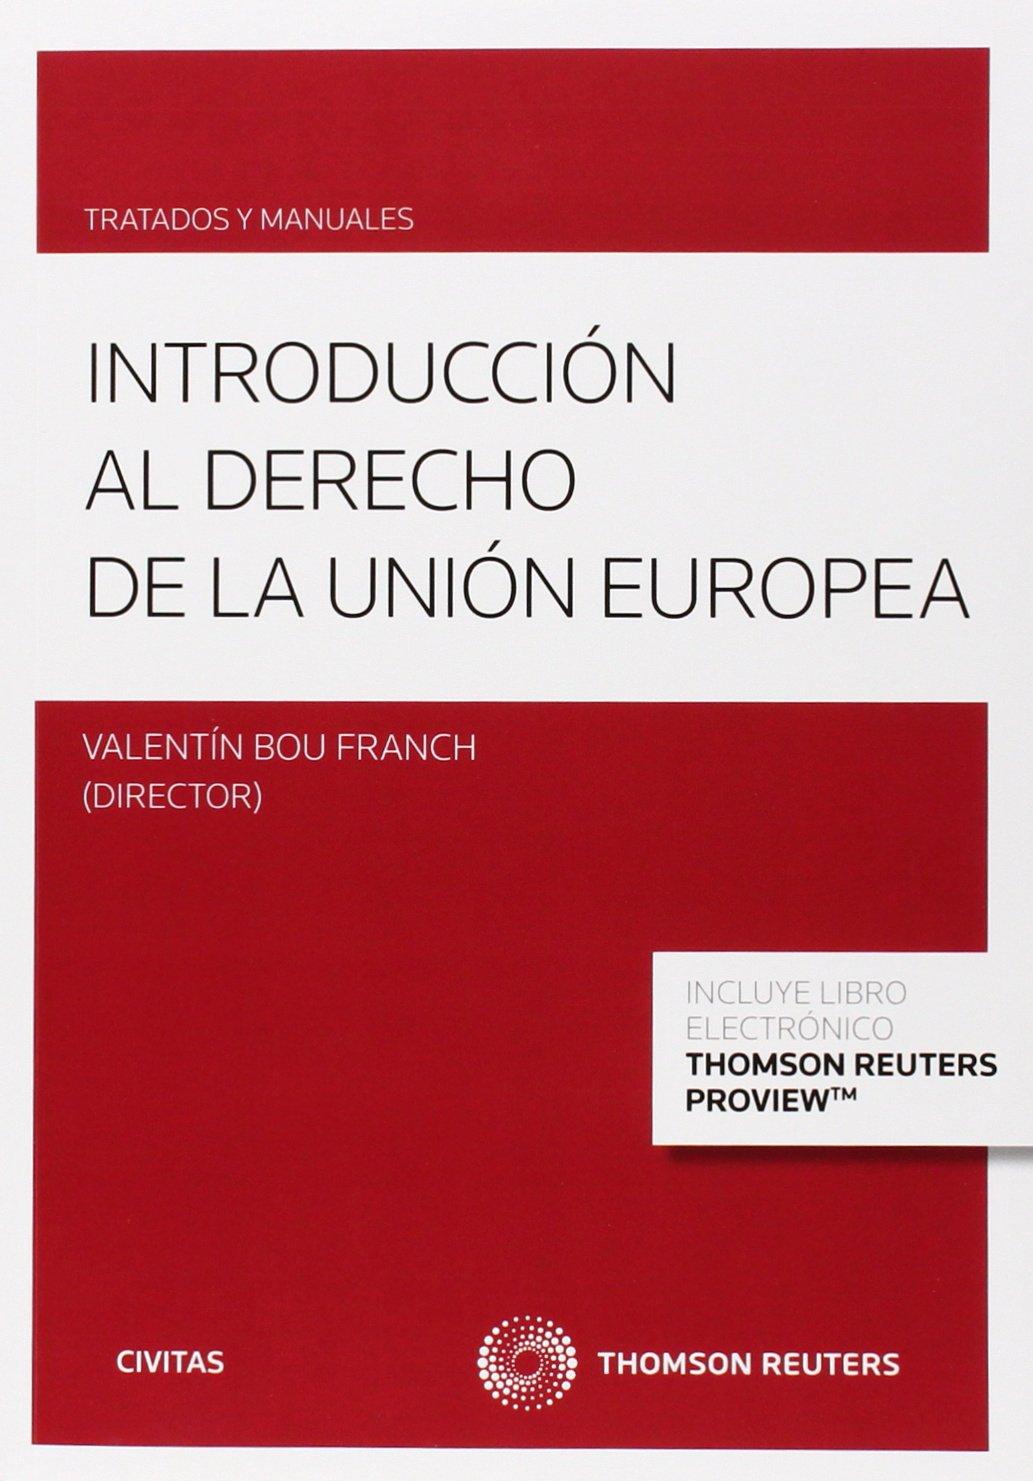 Introducción Al Derecho De La Unión Europea (Tratados y Manuales de Derecho) Tapa blanda – 27 sep 2015 Valentín Bou Franch Civitas 8447049434 DERECHO INTERNACIONAL